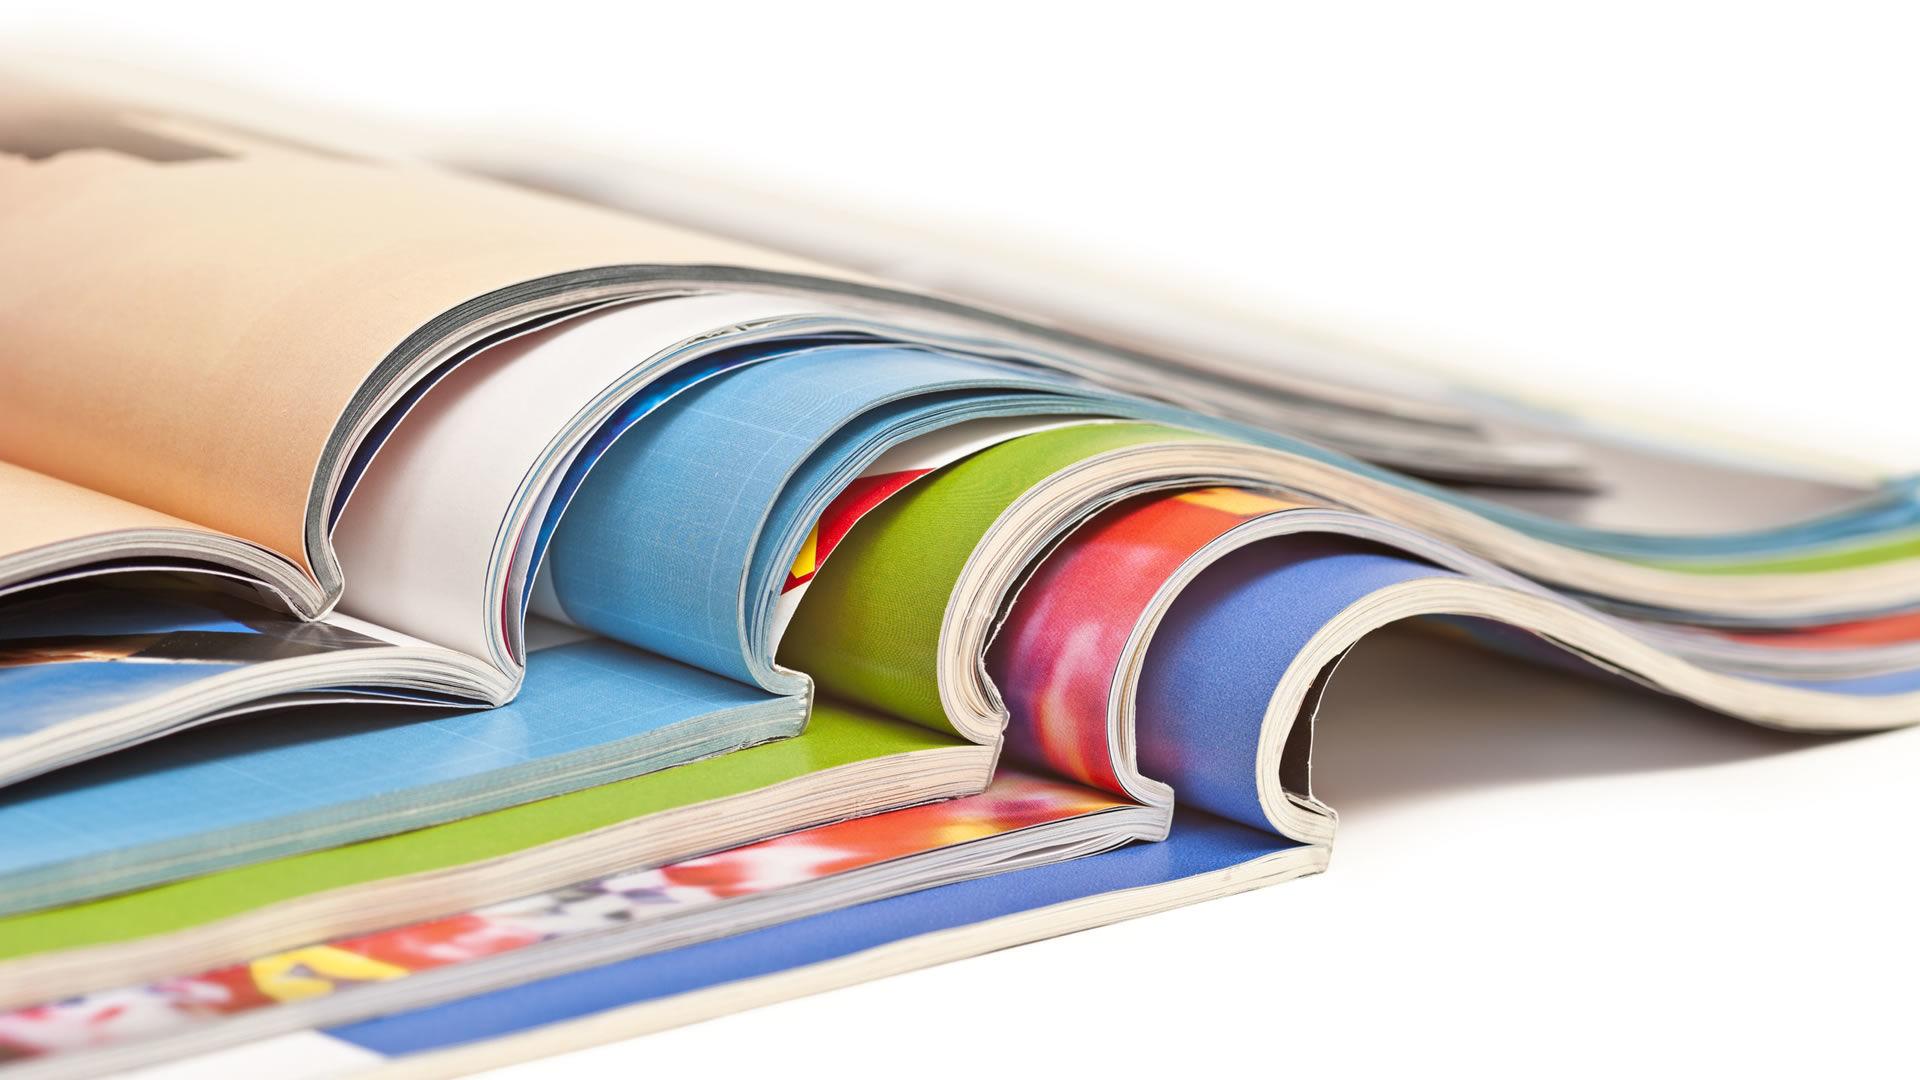 Tisk časopisů, katalogů aročenek